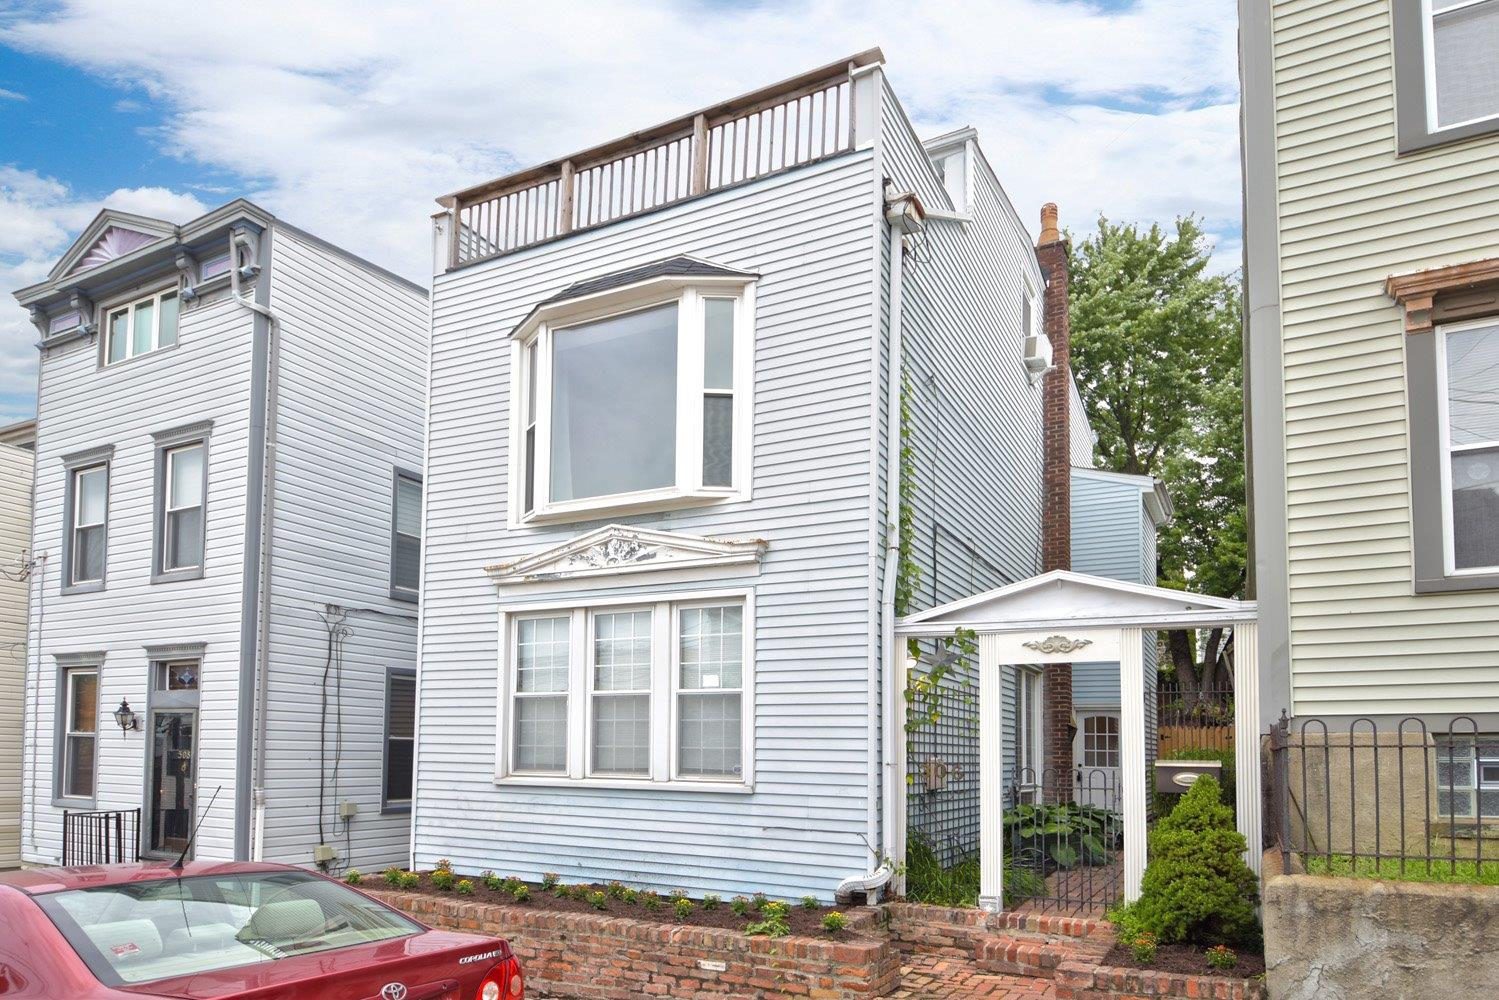 Property for sale at 306 Klotter Avenue, Cincinnati,  Ohio 45219